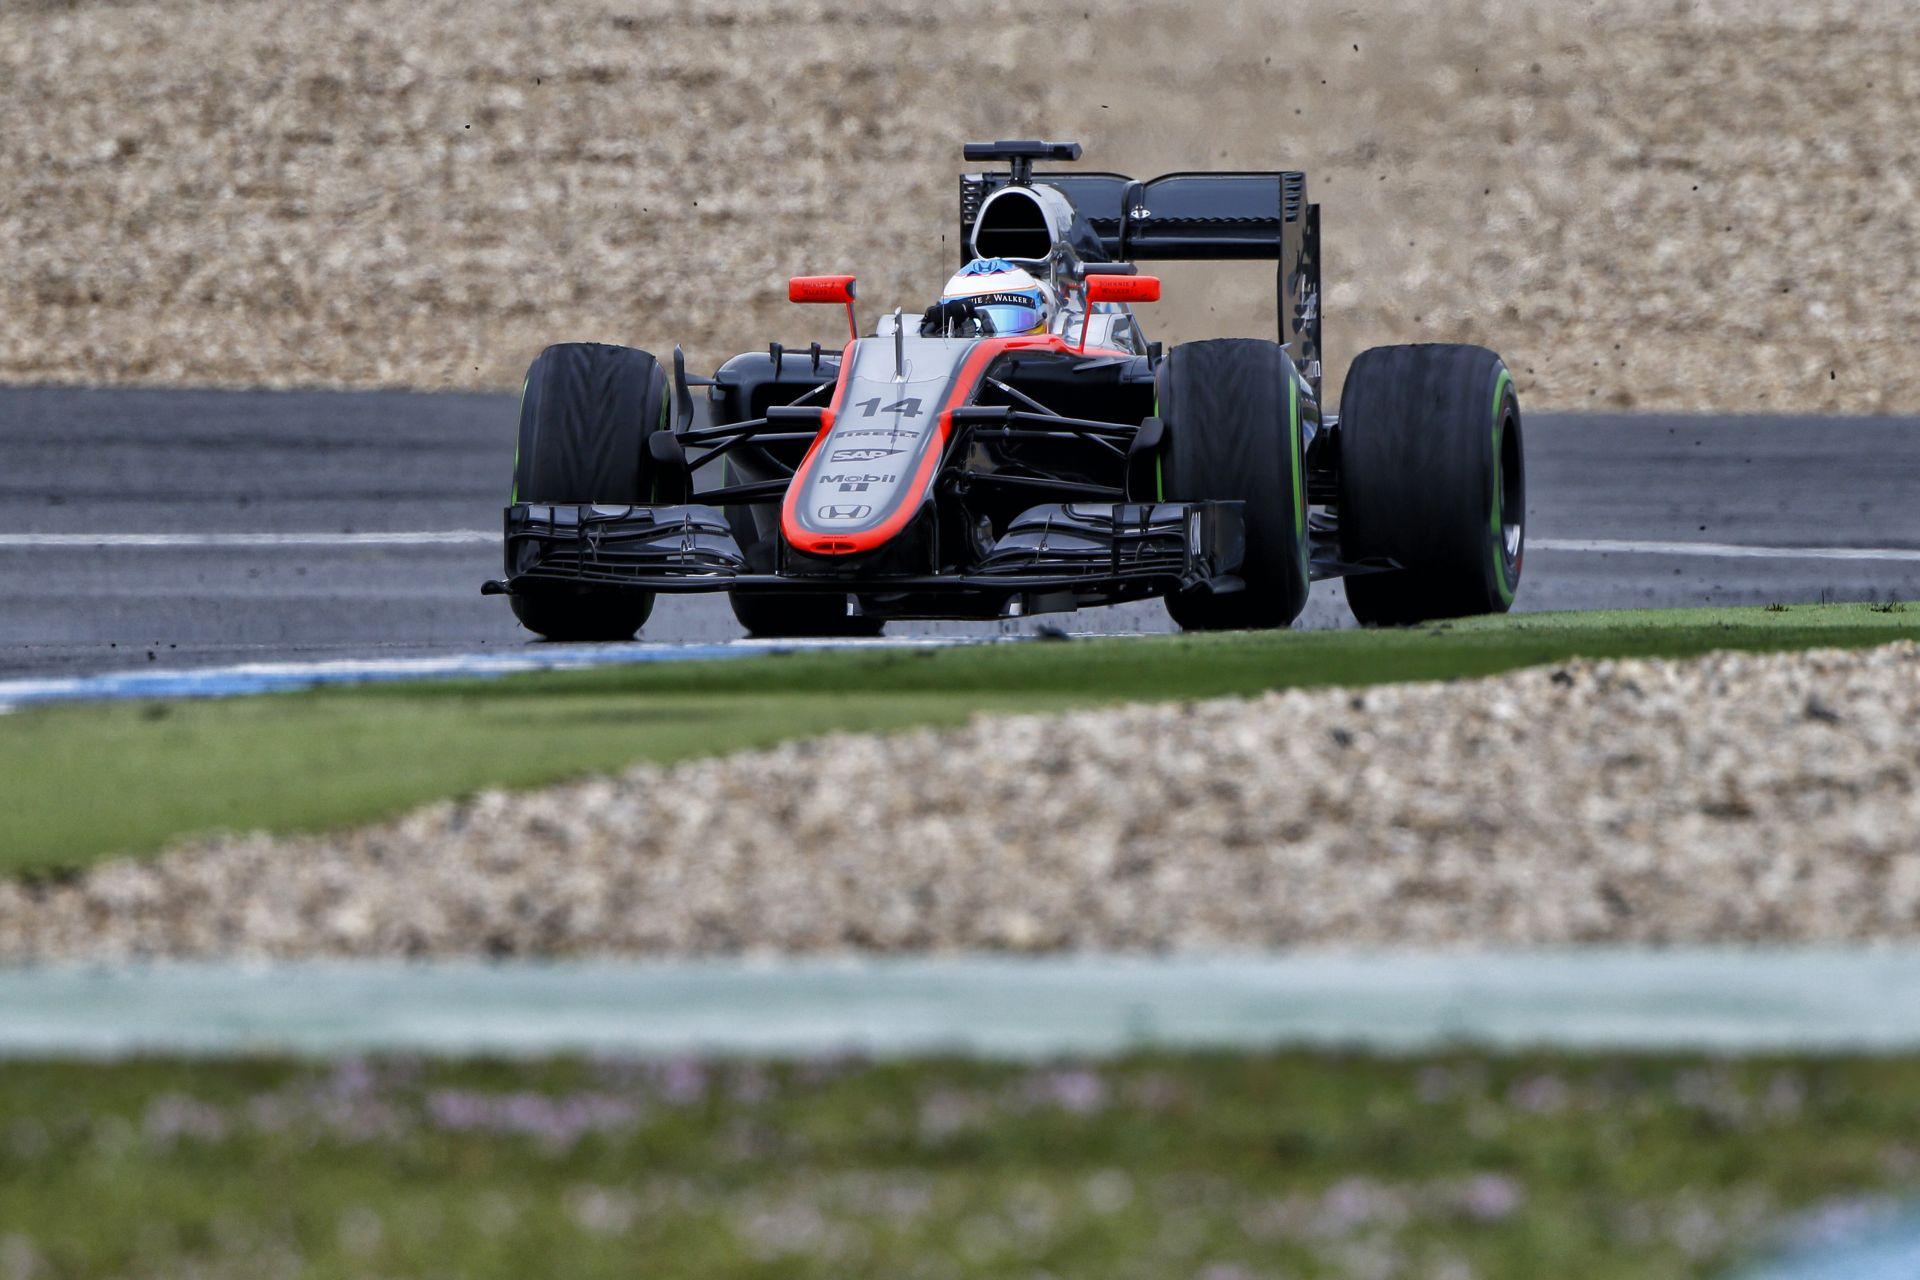 Alonso balesetét teljes körűen ki kell vizsgálni, mert a többi pilóta is veszélyben lehet